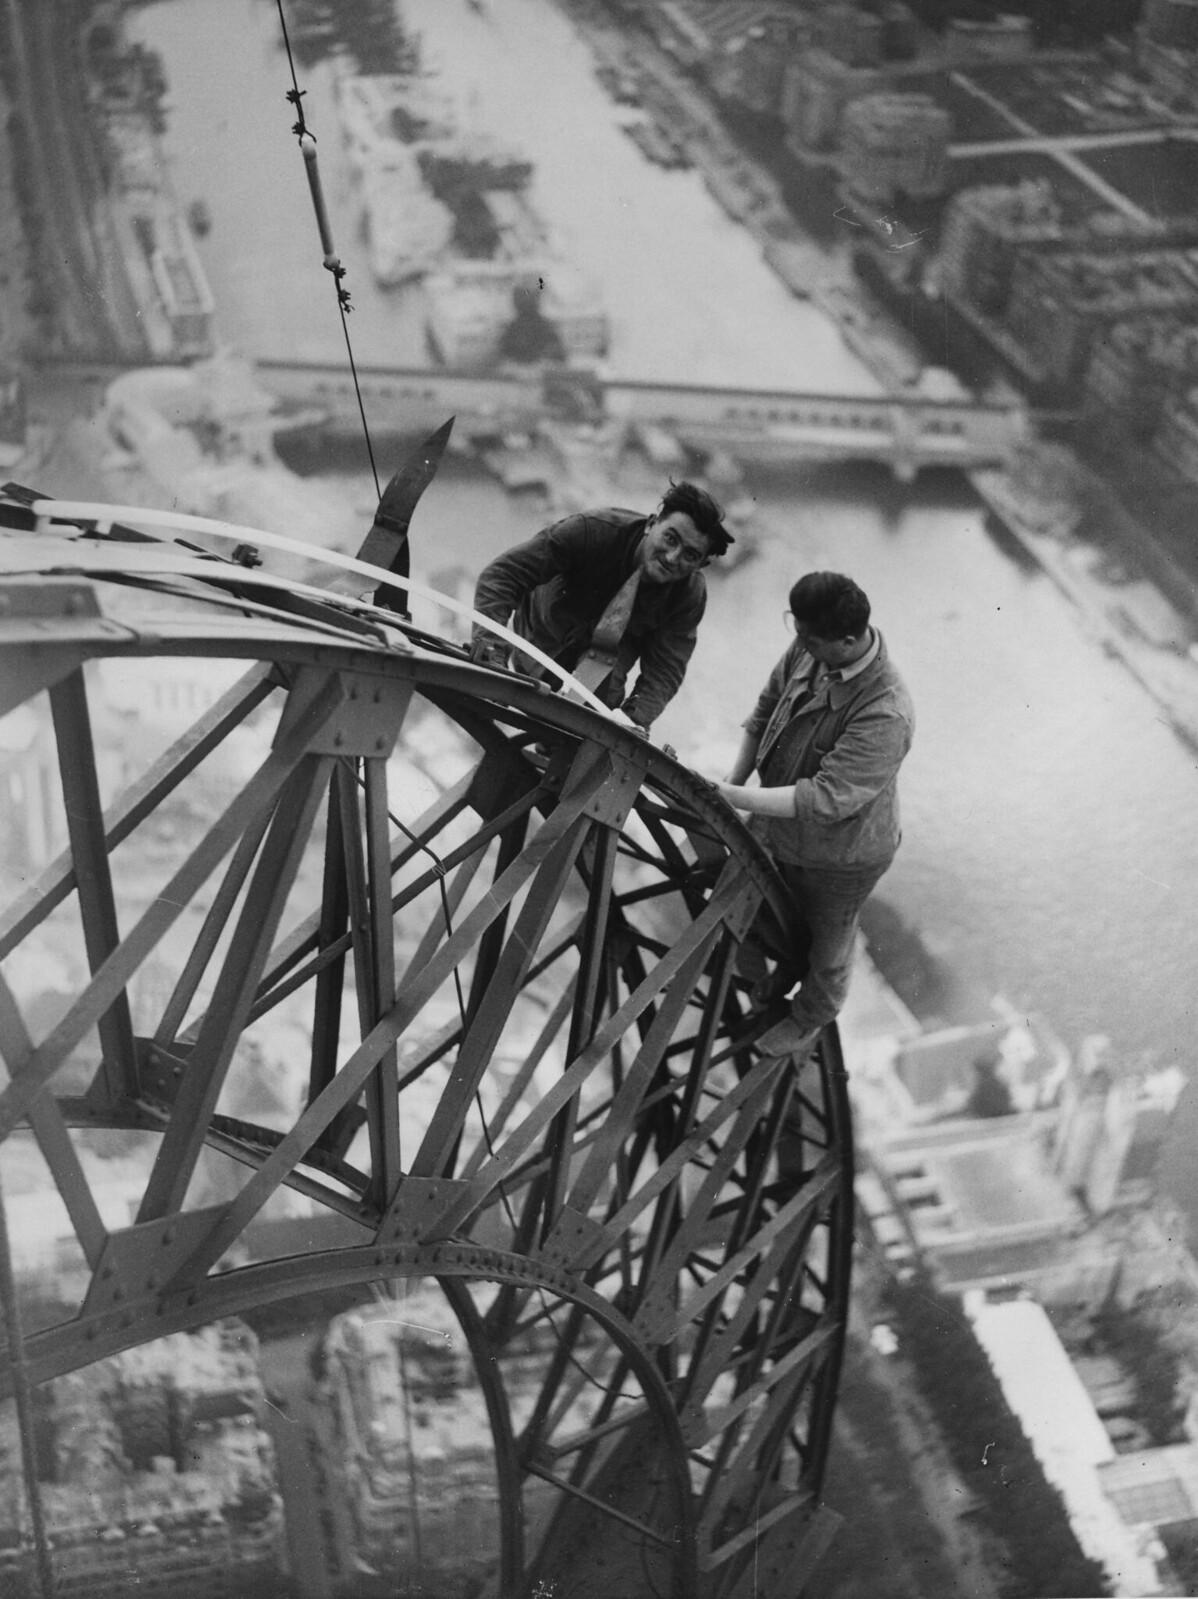 01. 1937. Высоко над рекой Сена два электрика устанавливают электрические гирлянды на Эйфелевой башне, которые будут освещать Всемирную выставку ночью